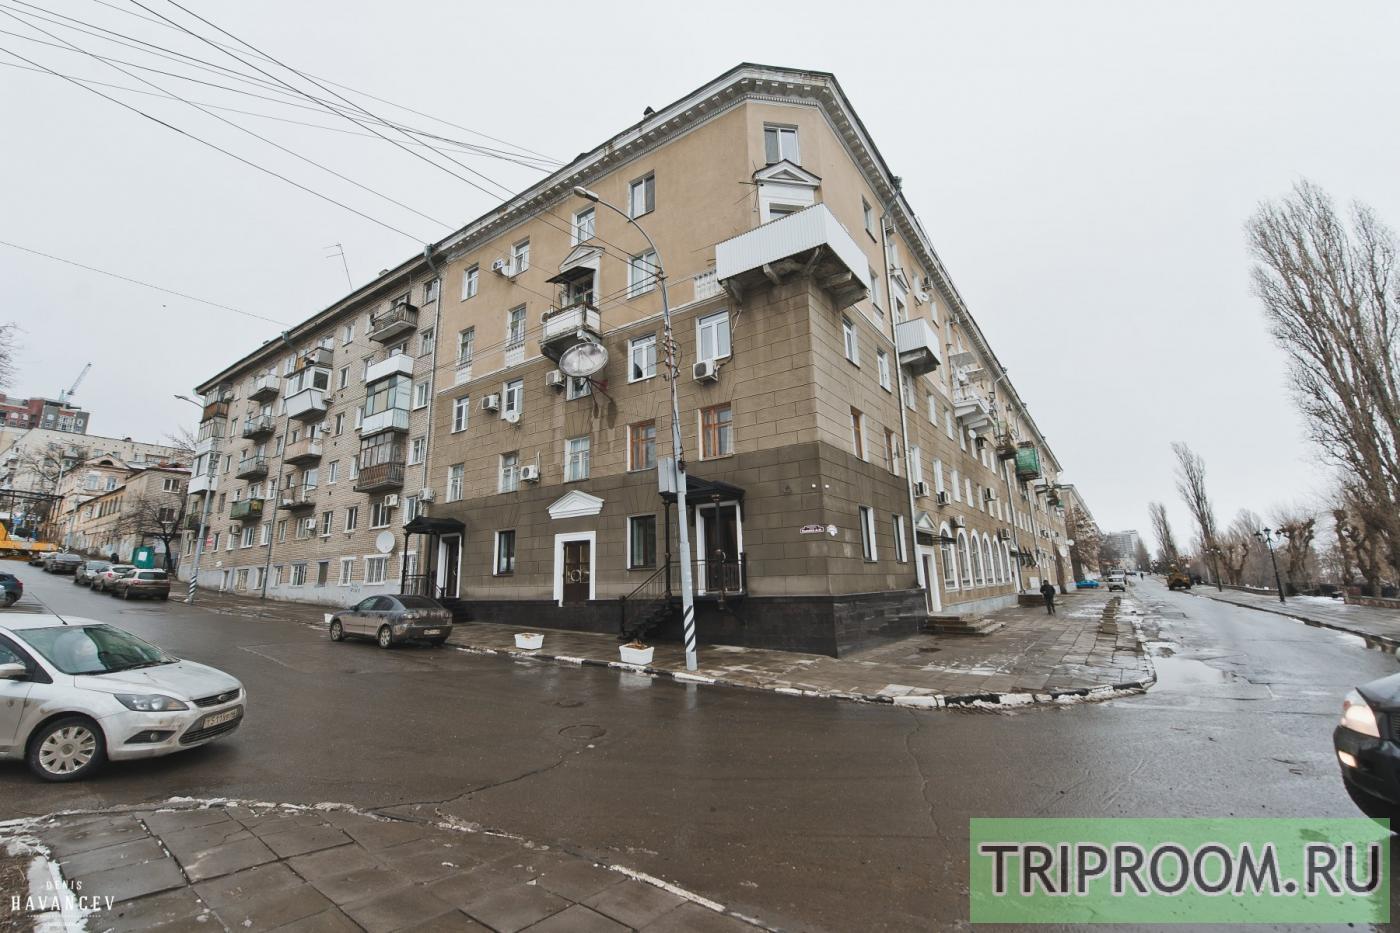 1-комнатная квартира посуточно (вариант № 14829), ул. Космонавтов набережная, фото № 14